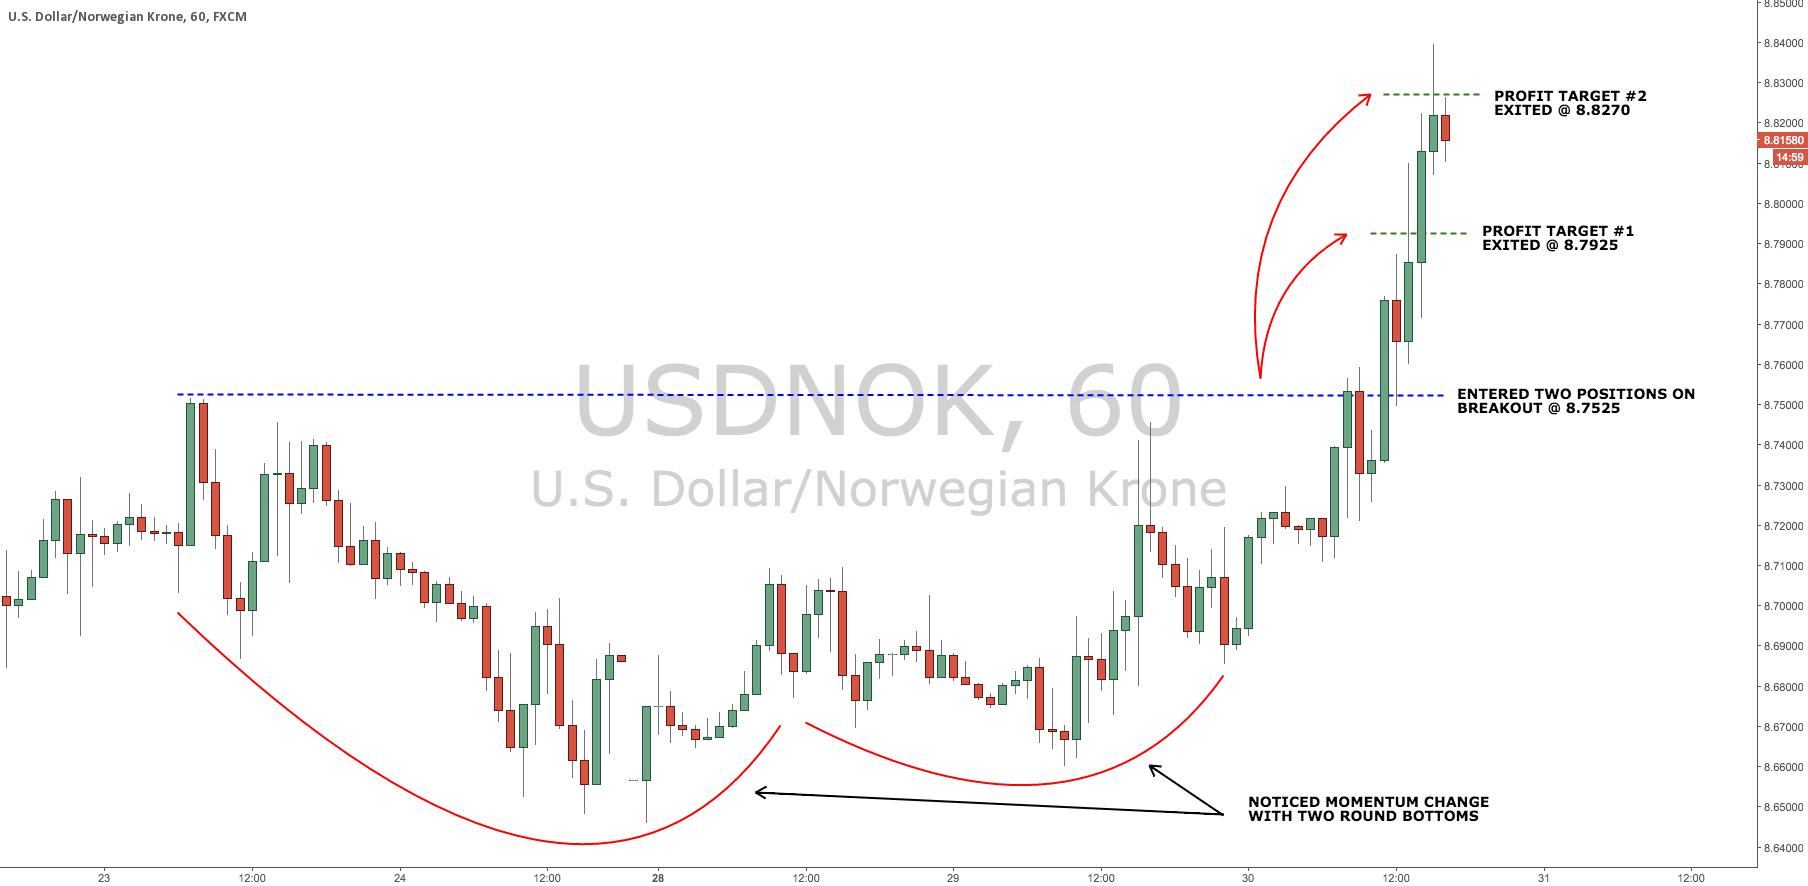 Clear breakout in USD/NOK